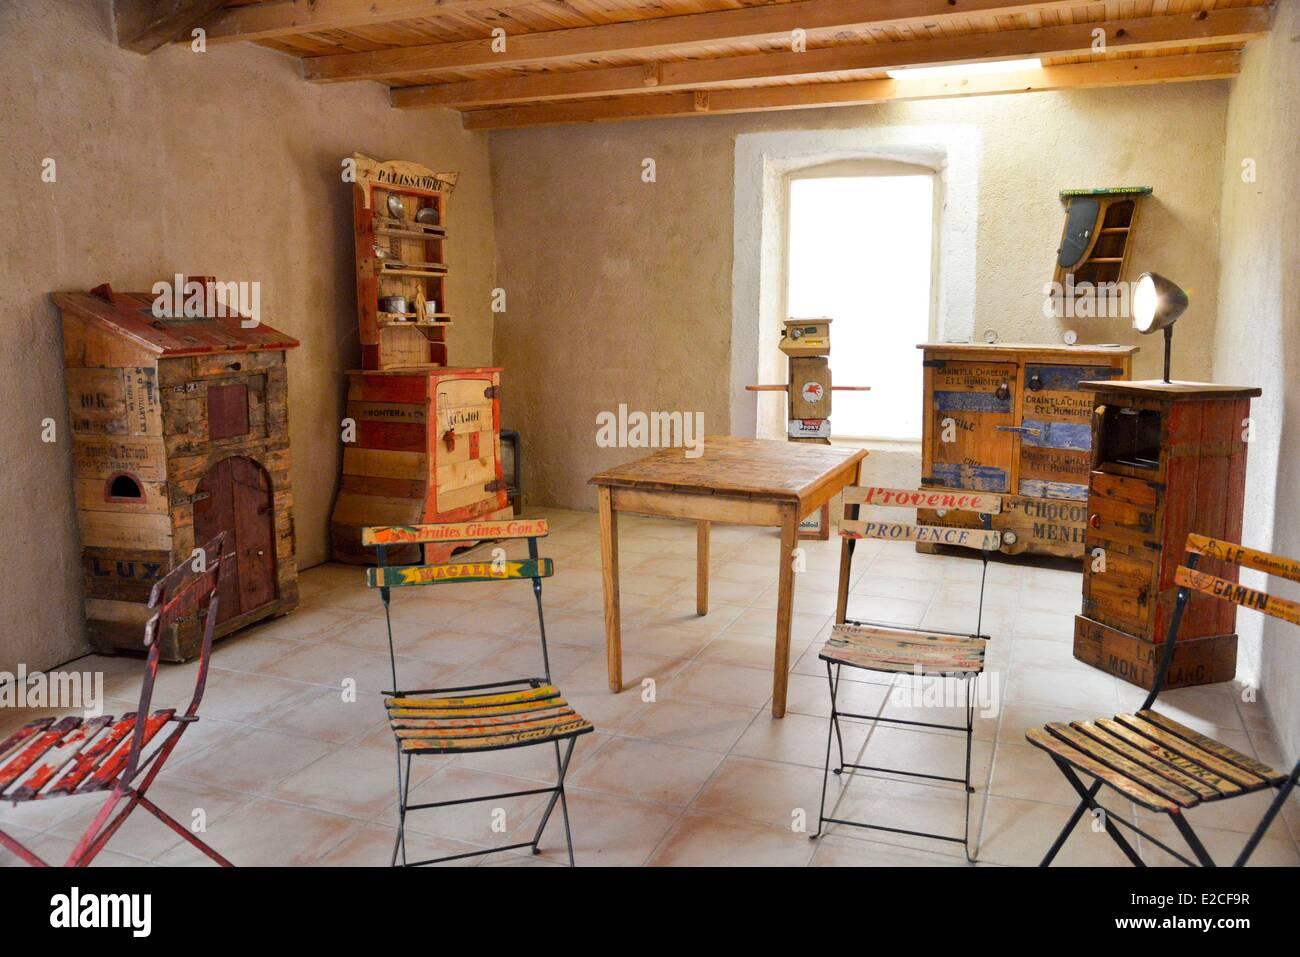 Furniture Stock Photos & Furniture Stock Images